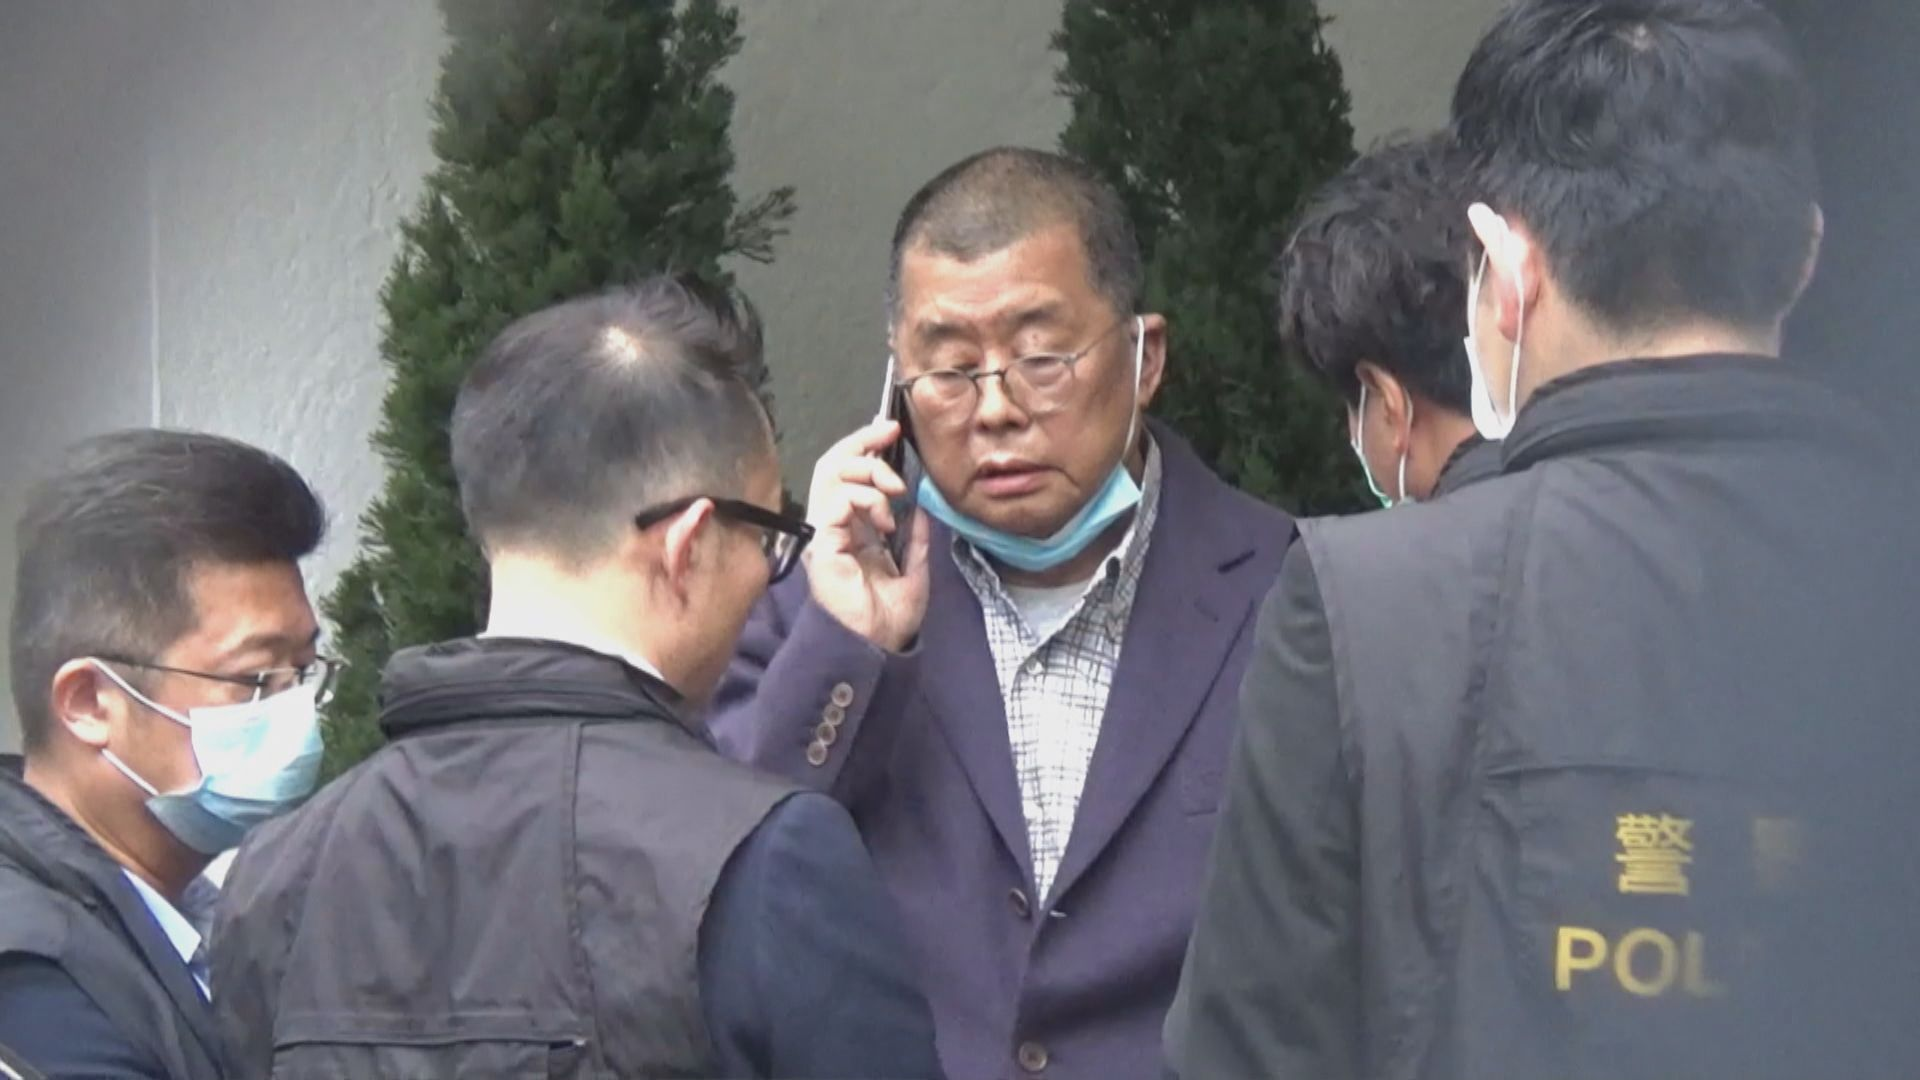 黎智英、李卓人及楊森被捕 警方曾稱宗教遊行不獲豁免